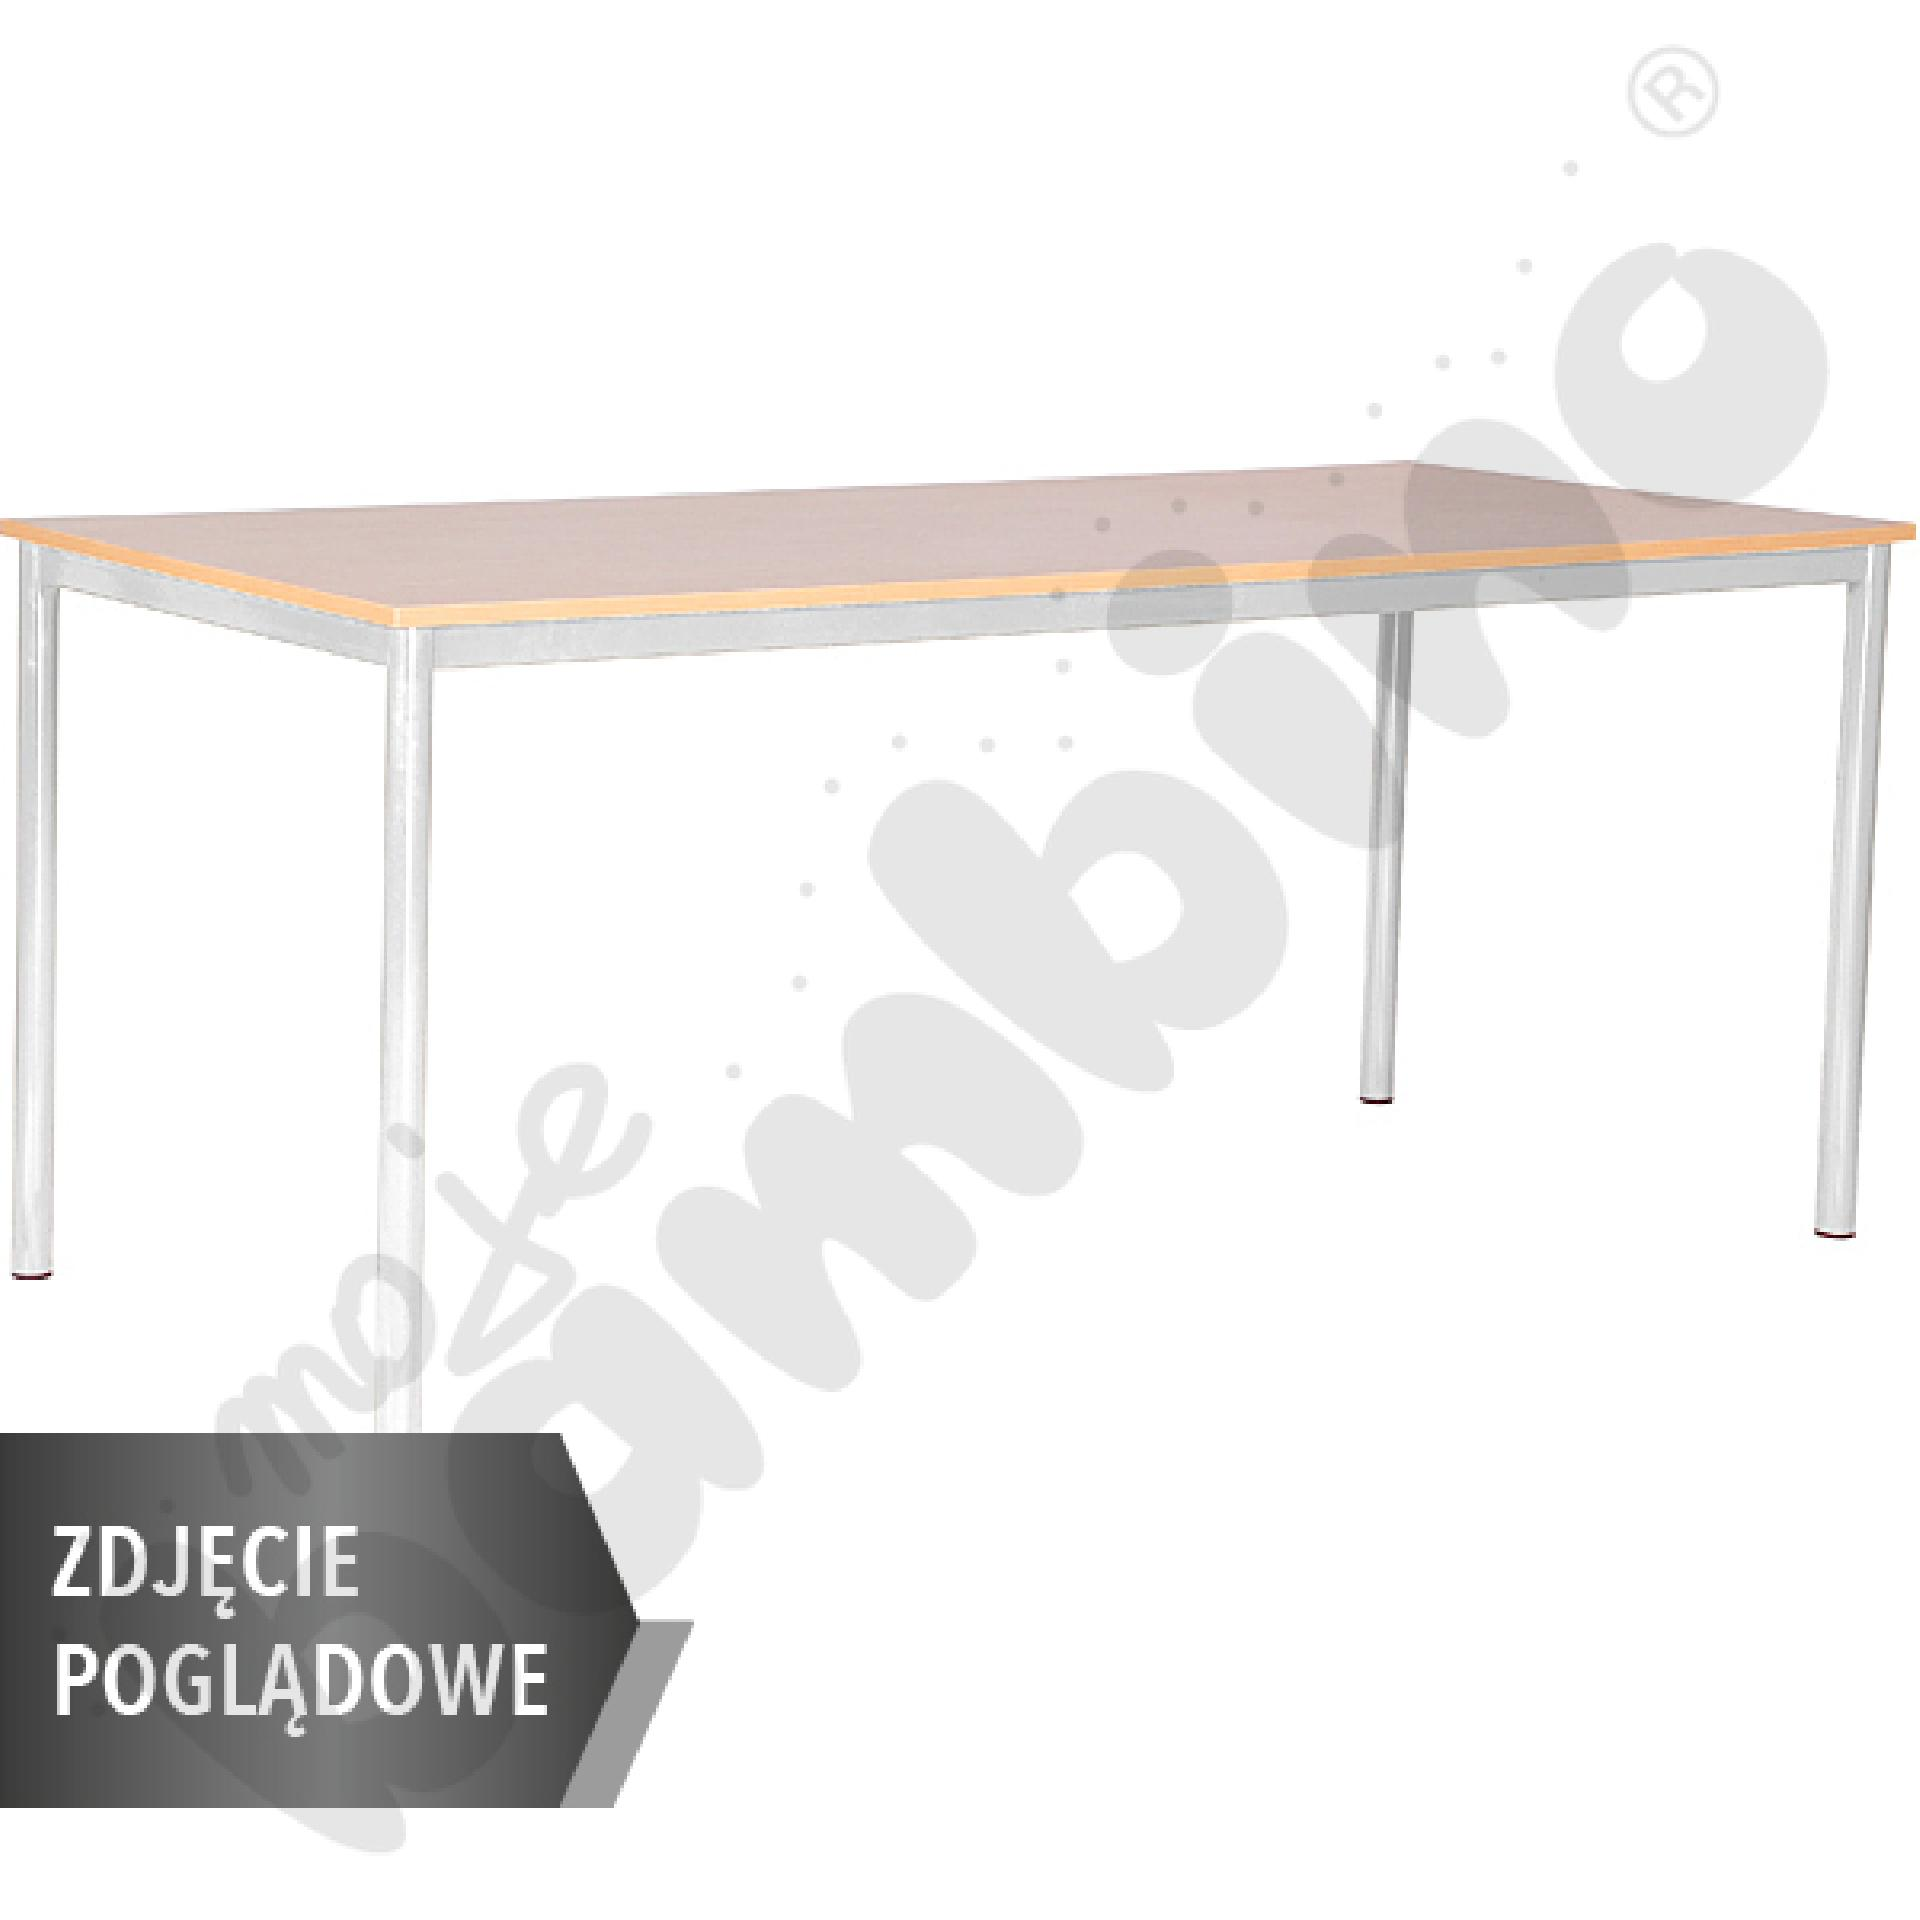 Stół Mila 180x80 rozm. 6, 8os., stelaż aluminium, blat biały, obrzeże ABS, narożniki proste